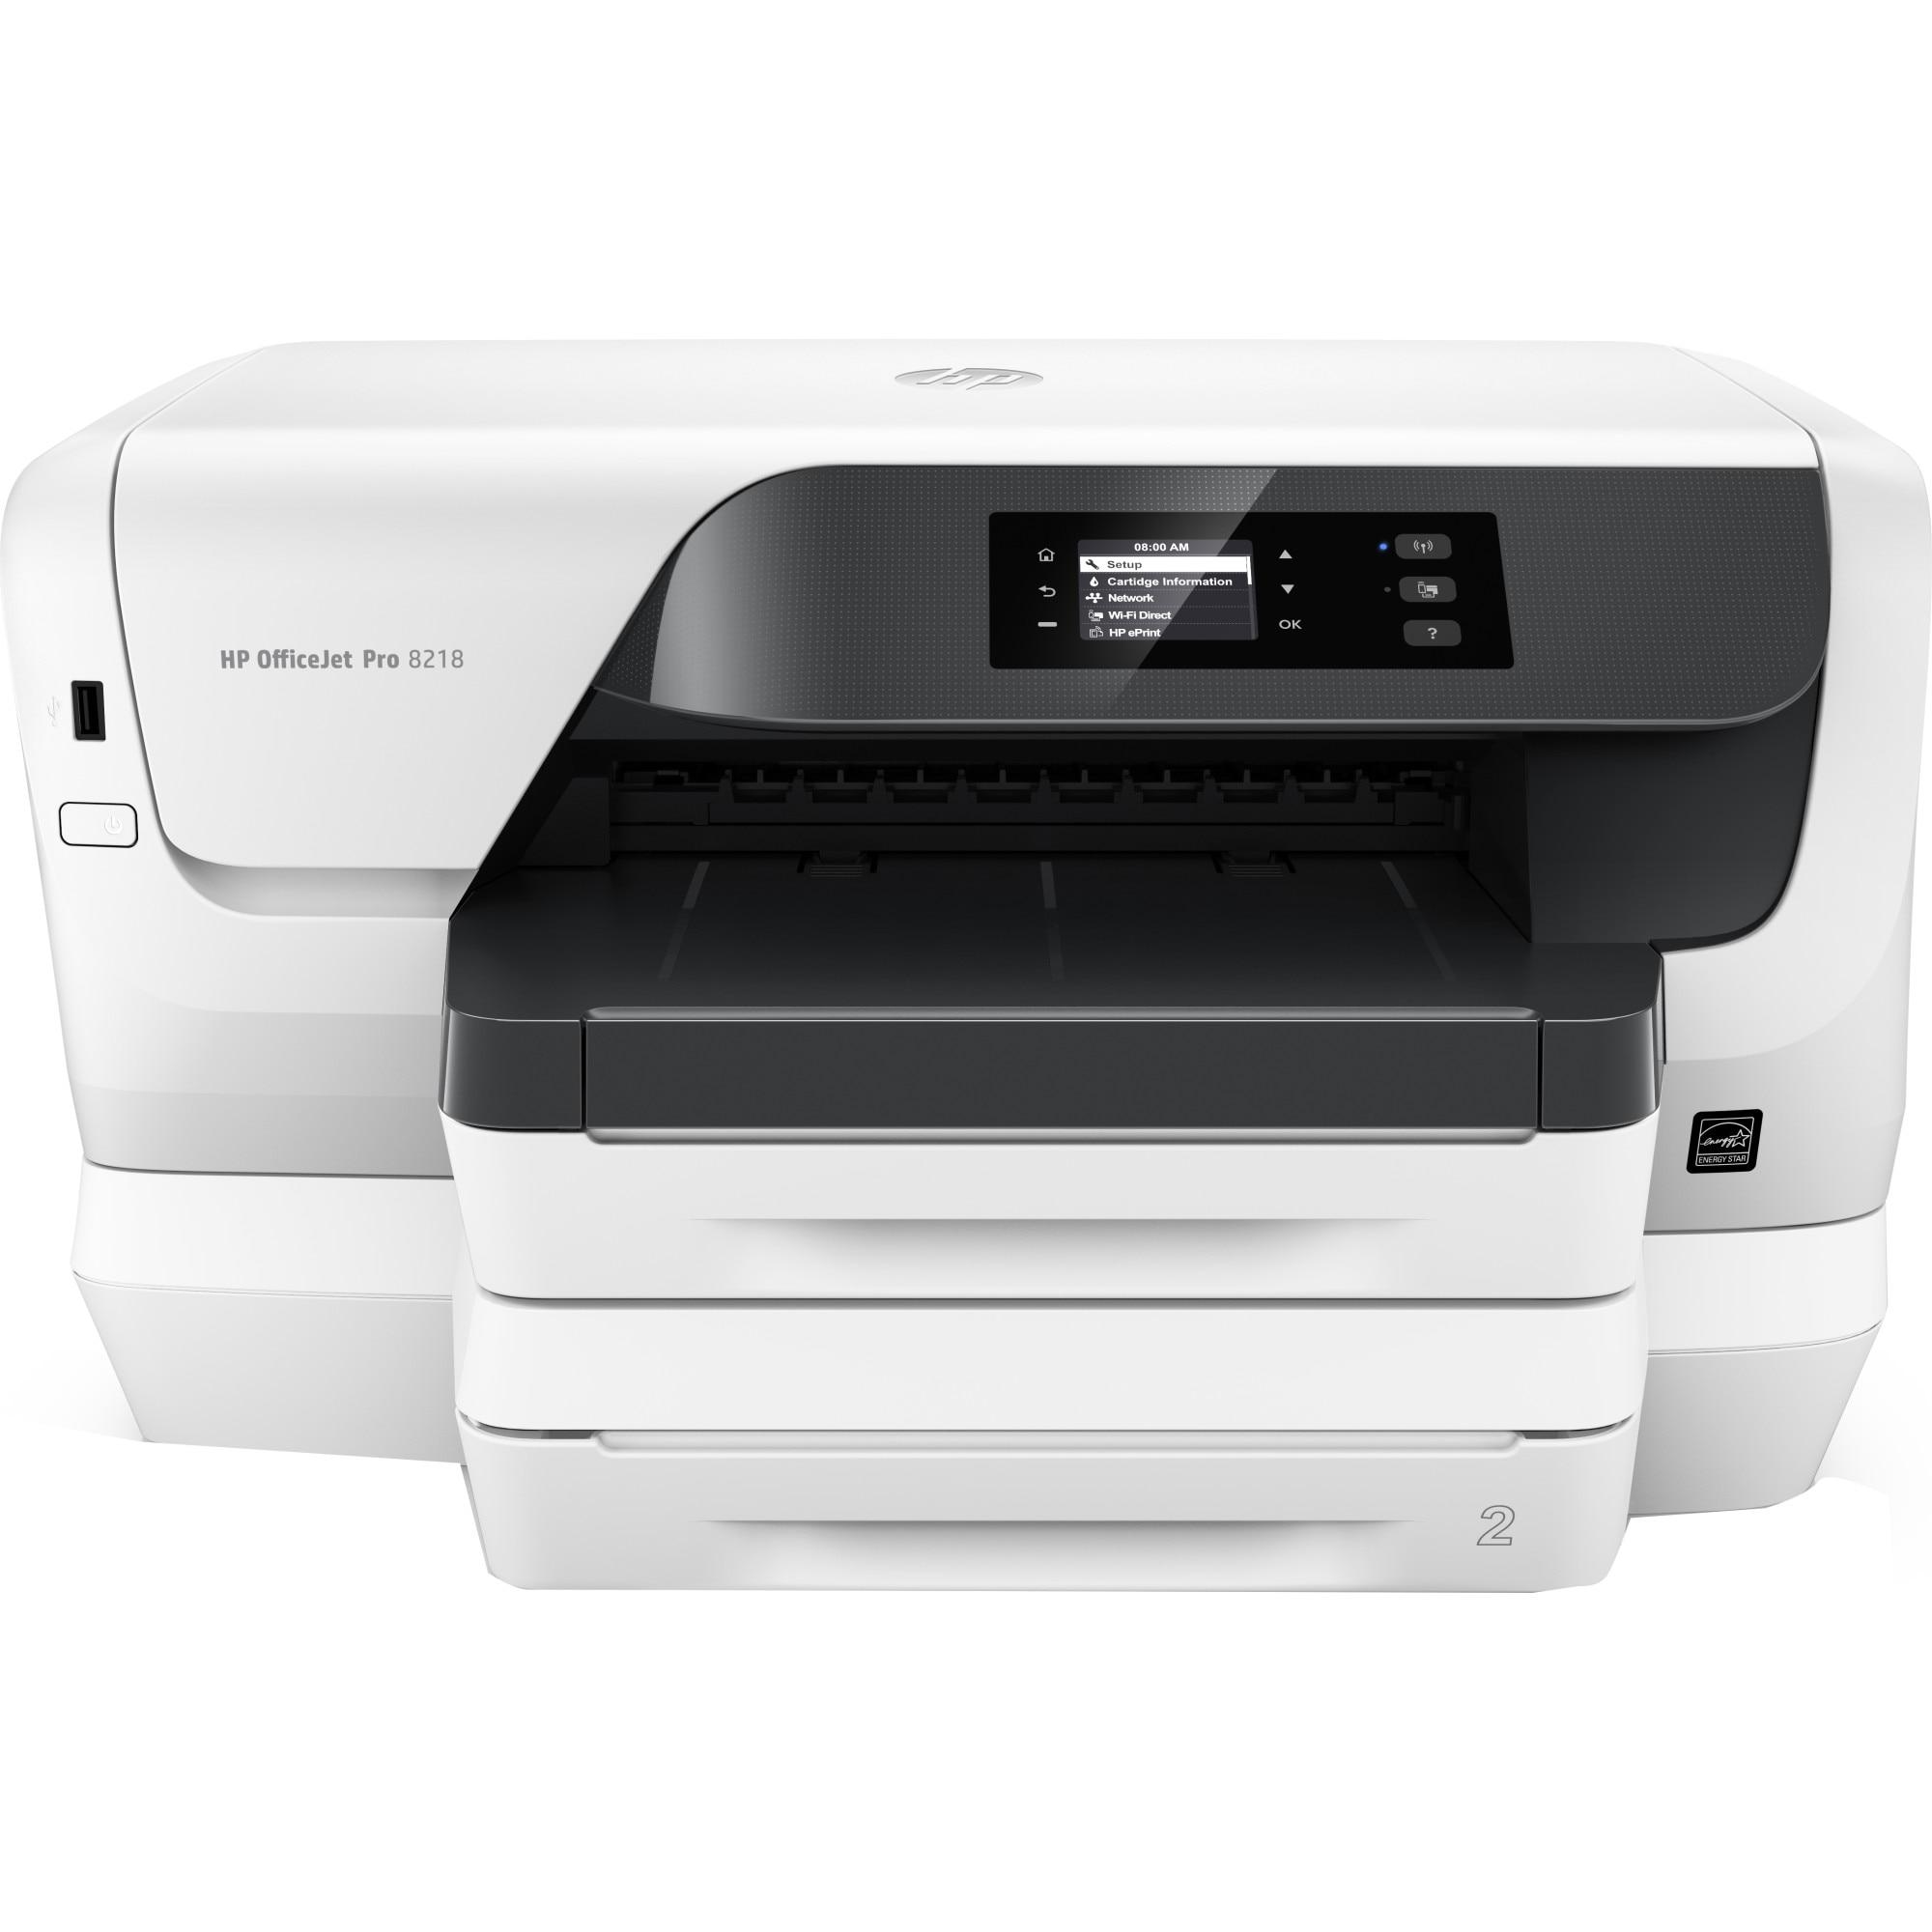 Fotografie Imprimanta inkjet color HP OfficeJet Pro8218, Duplex, Retea, Wireless, A4